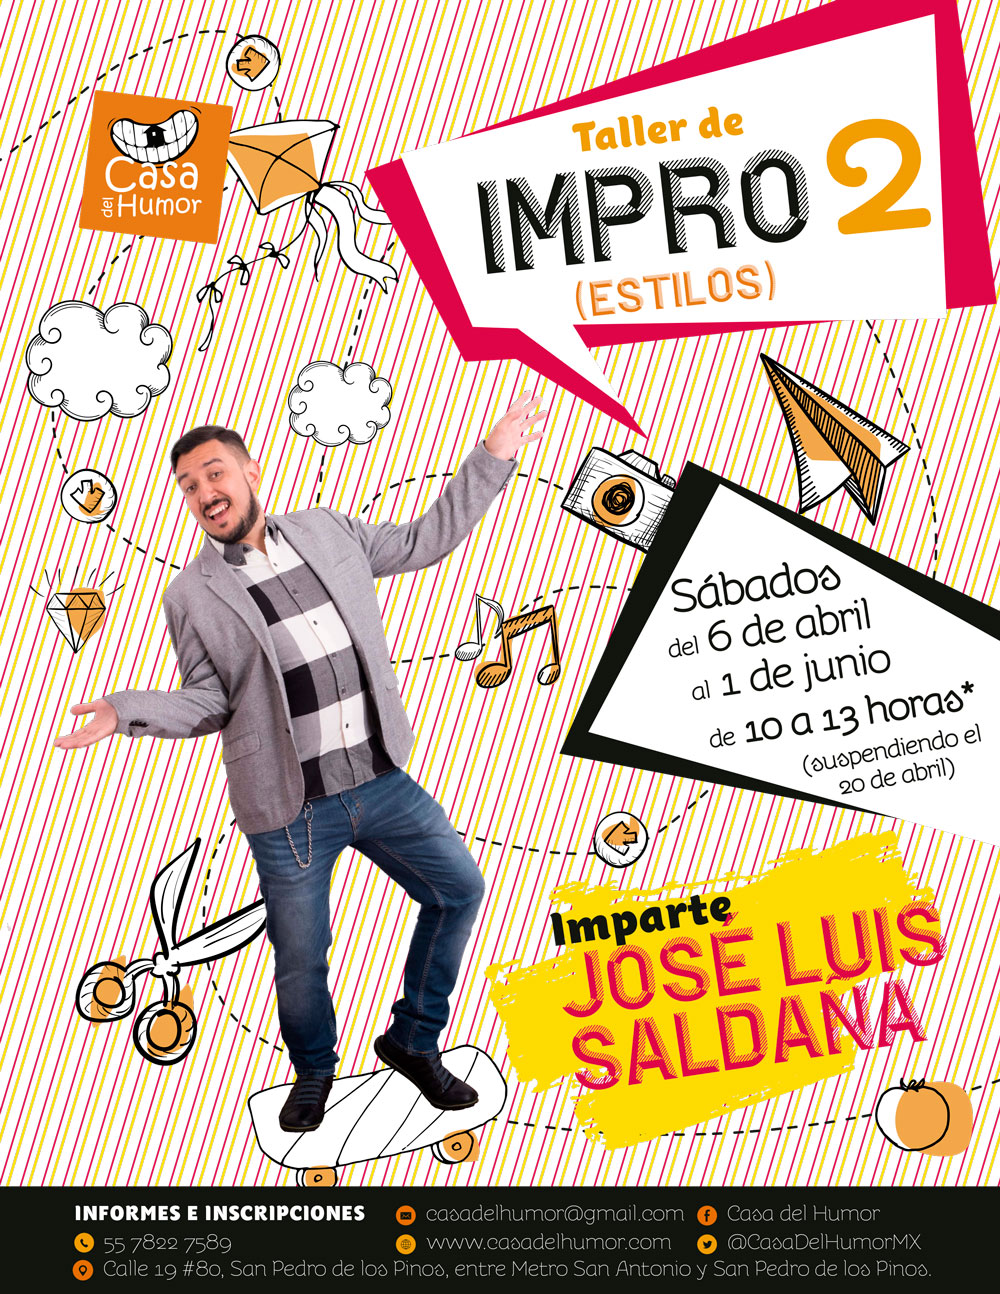 afiche_impro2